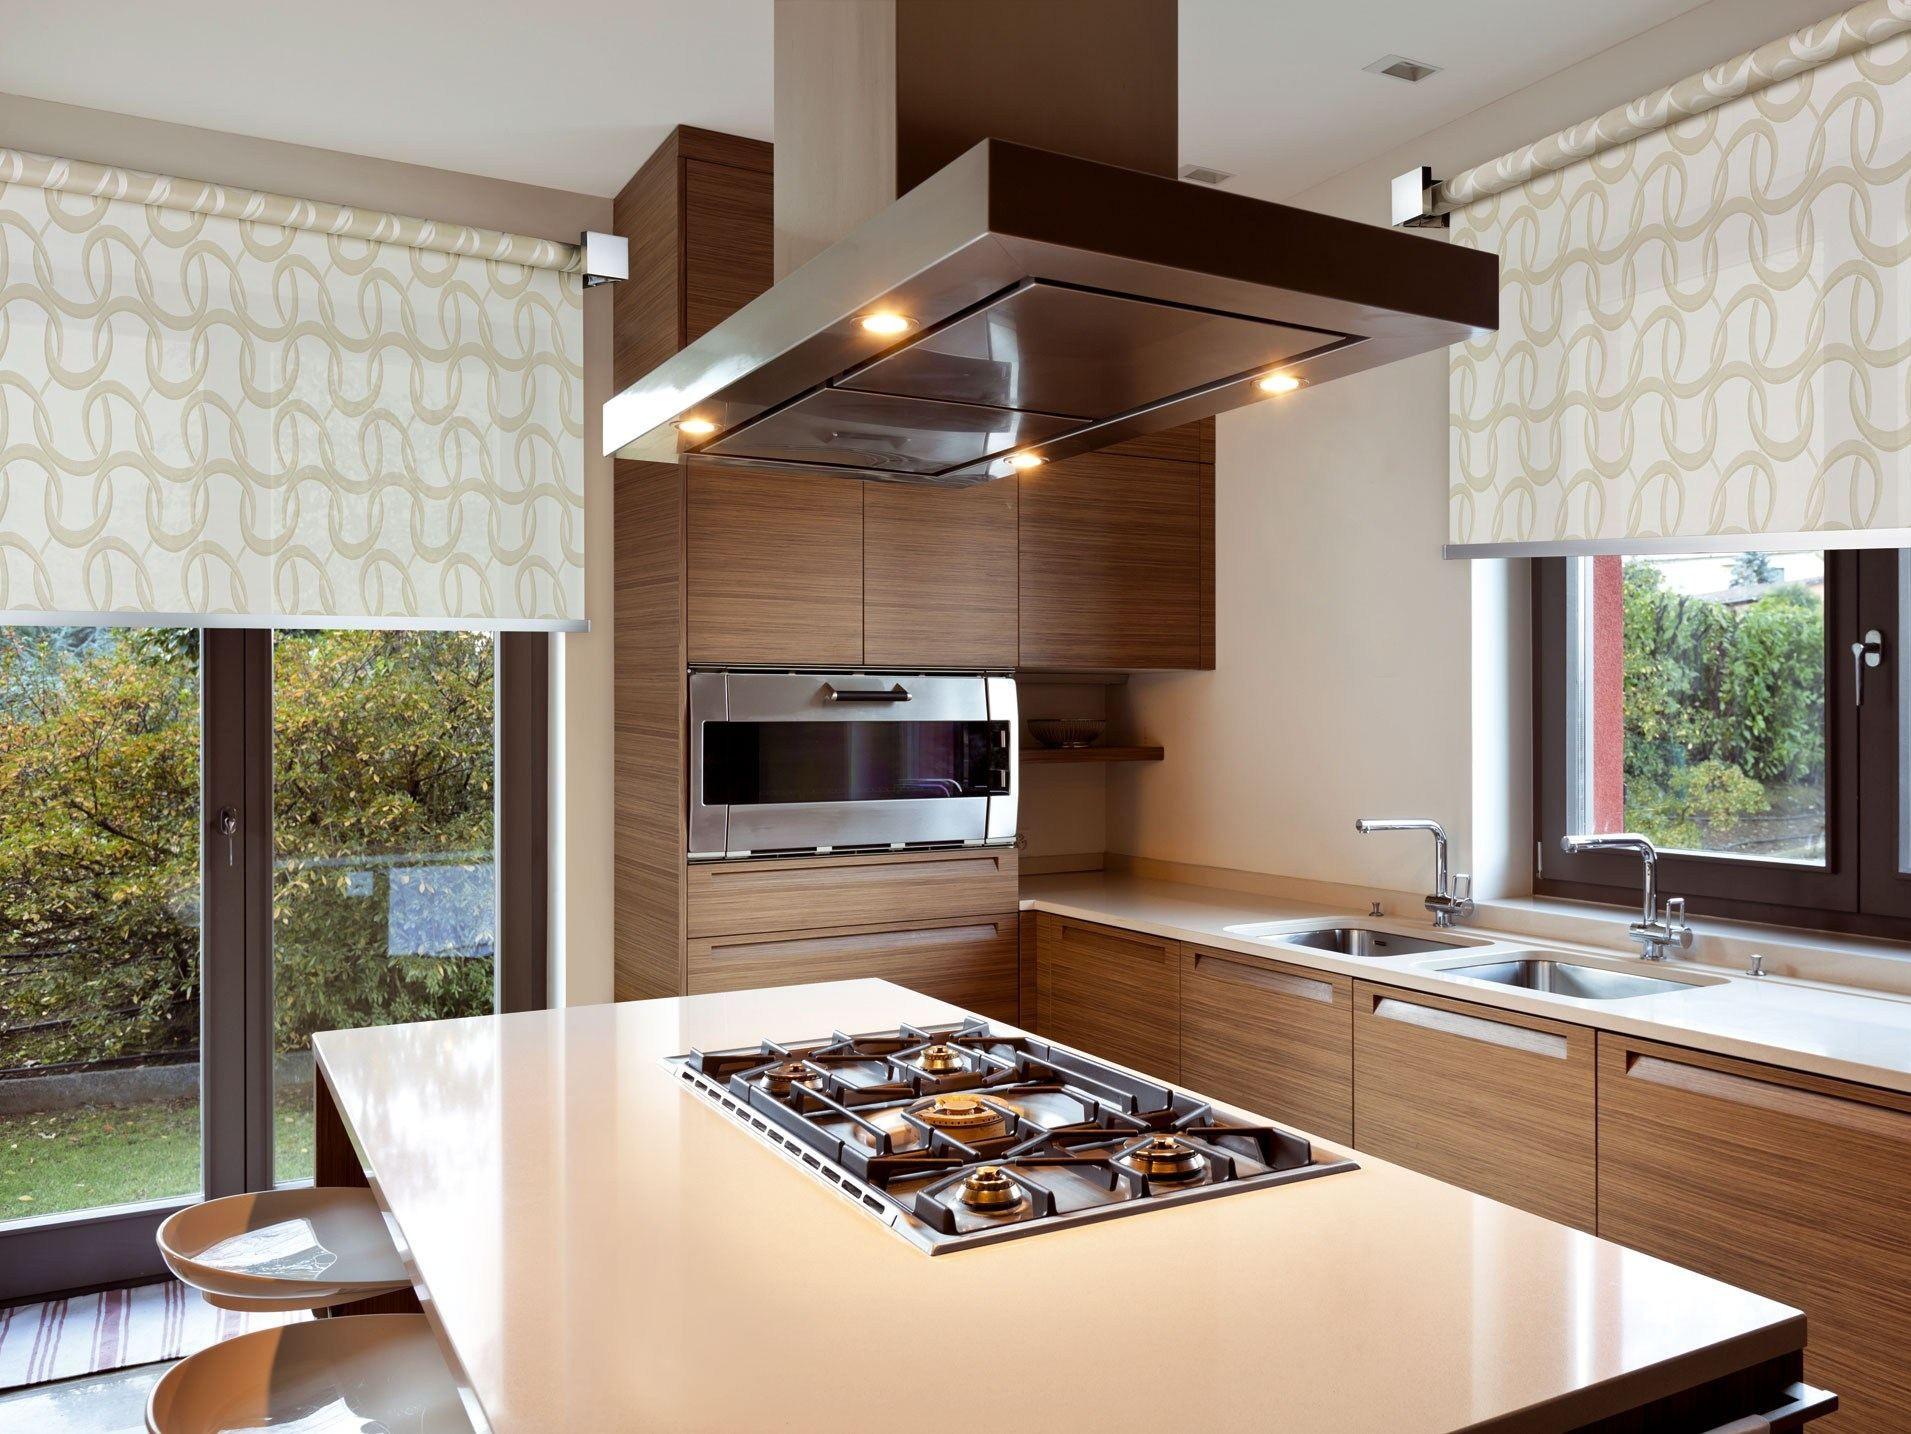 Rollos Für Die Küche stunning rollos für die küche gallery amazing home ideas